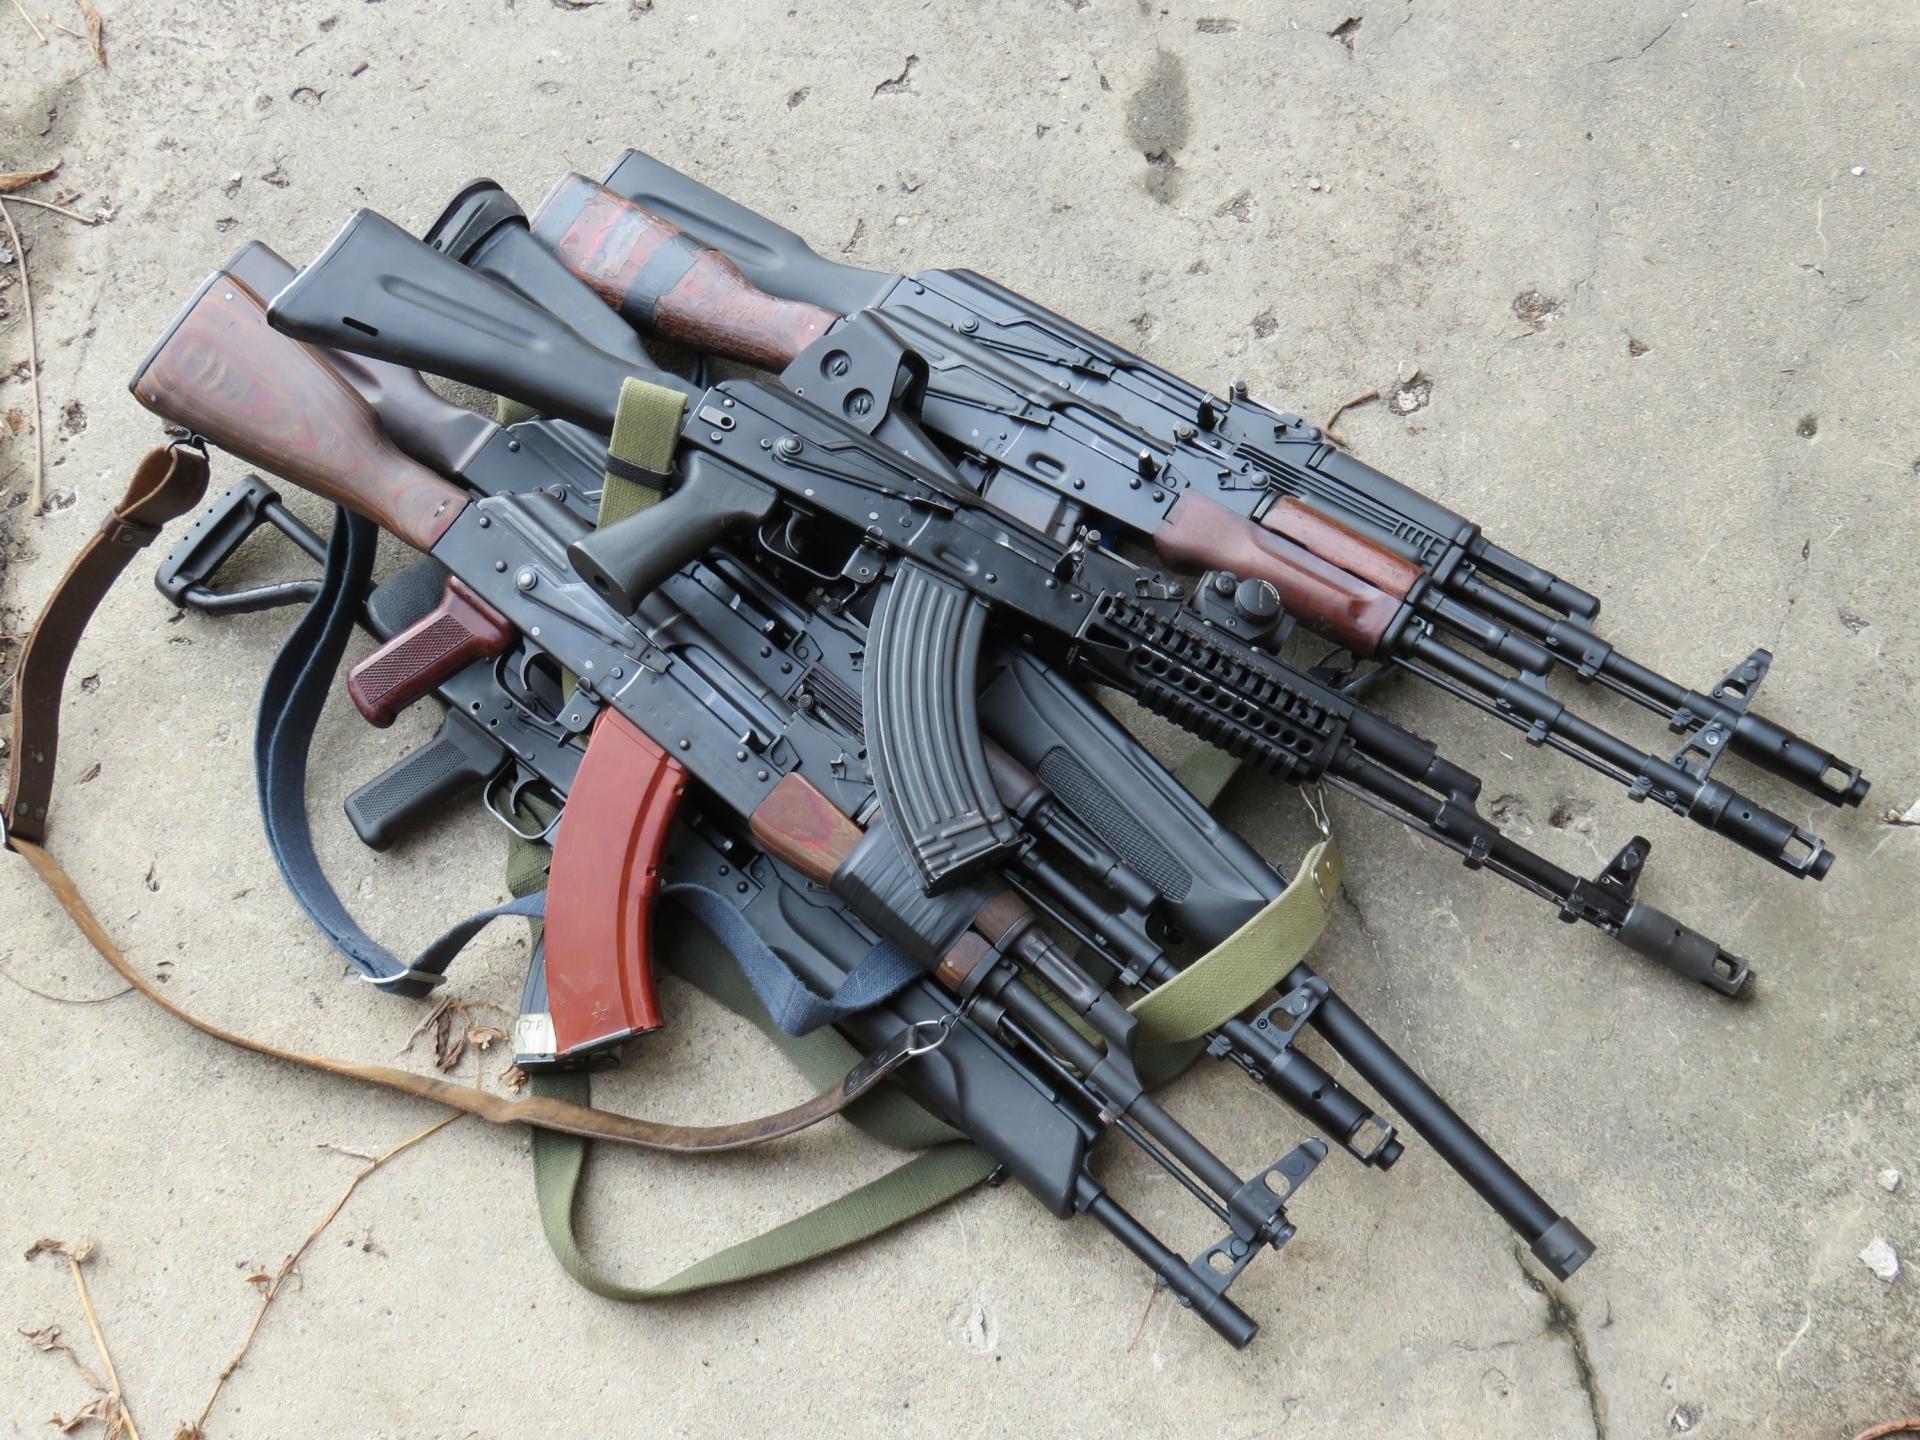 AK-47 Rifle Wallpaper HD Download